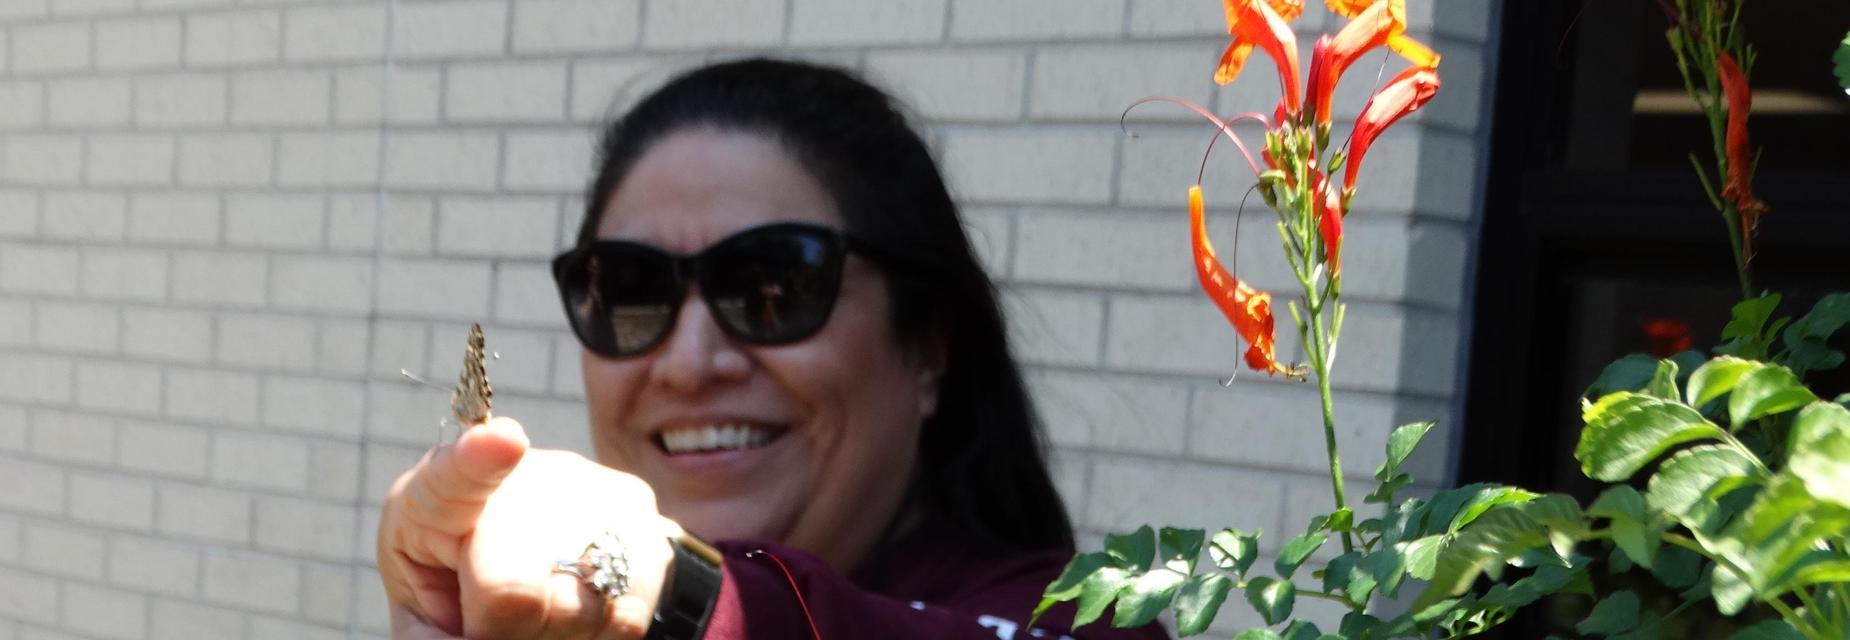 5th grade  science teacher  releasing butterflies